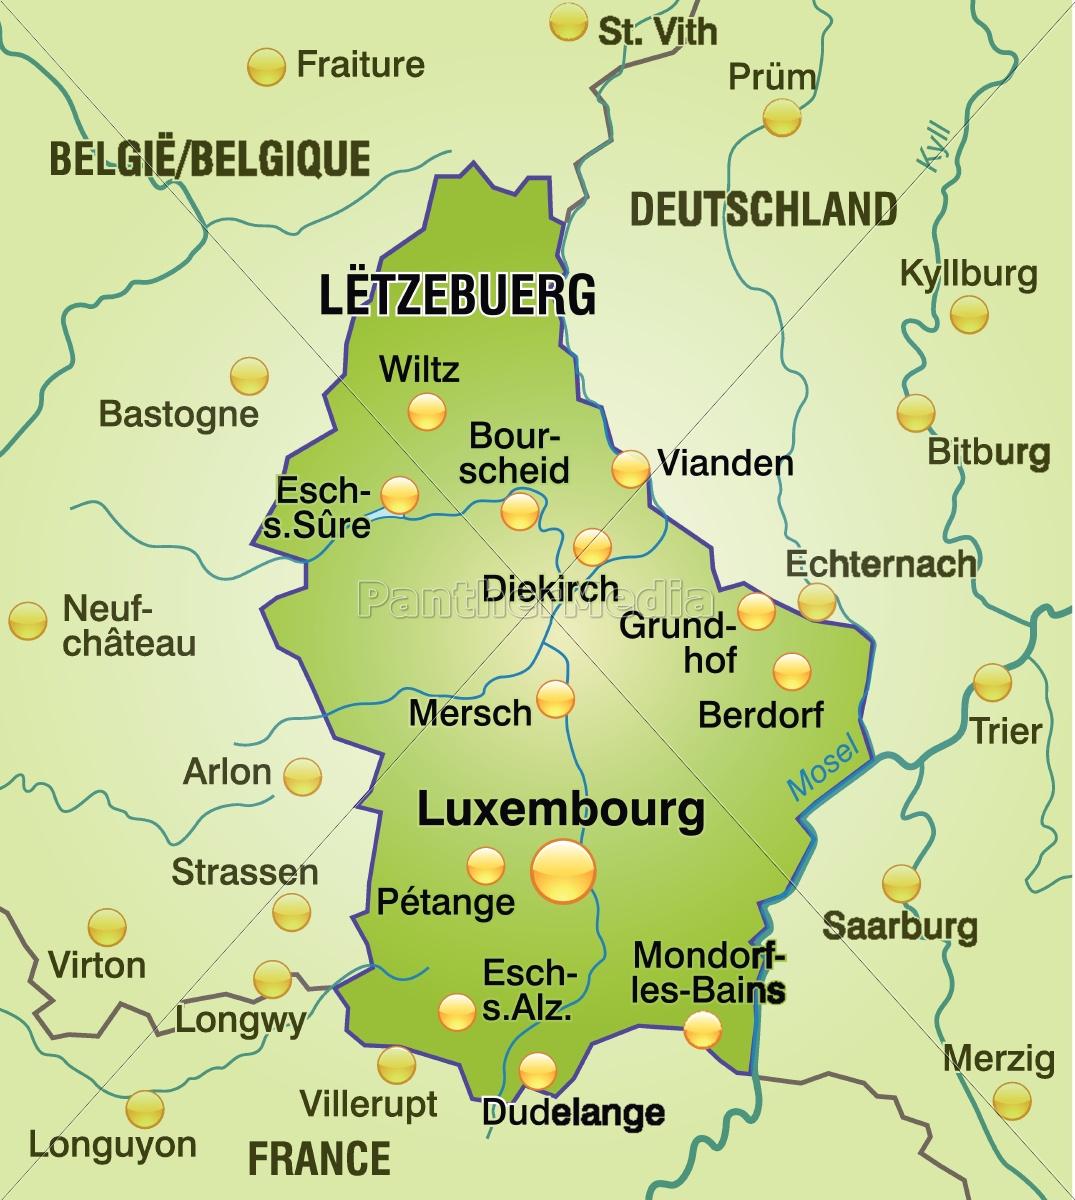 Kort Over Luxembourg Som Konturkort I Gront Royalty Free Image